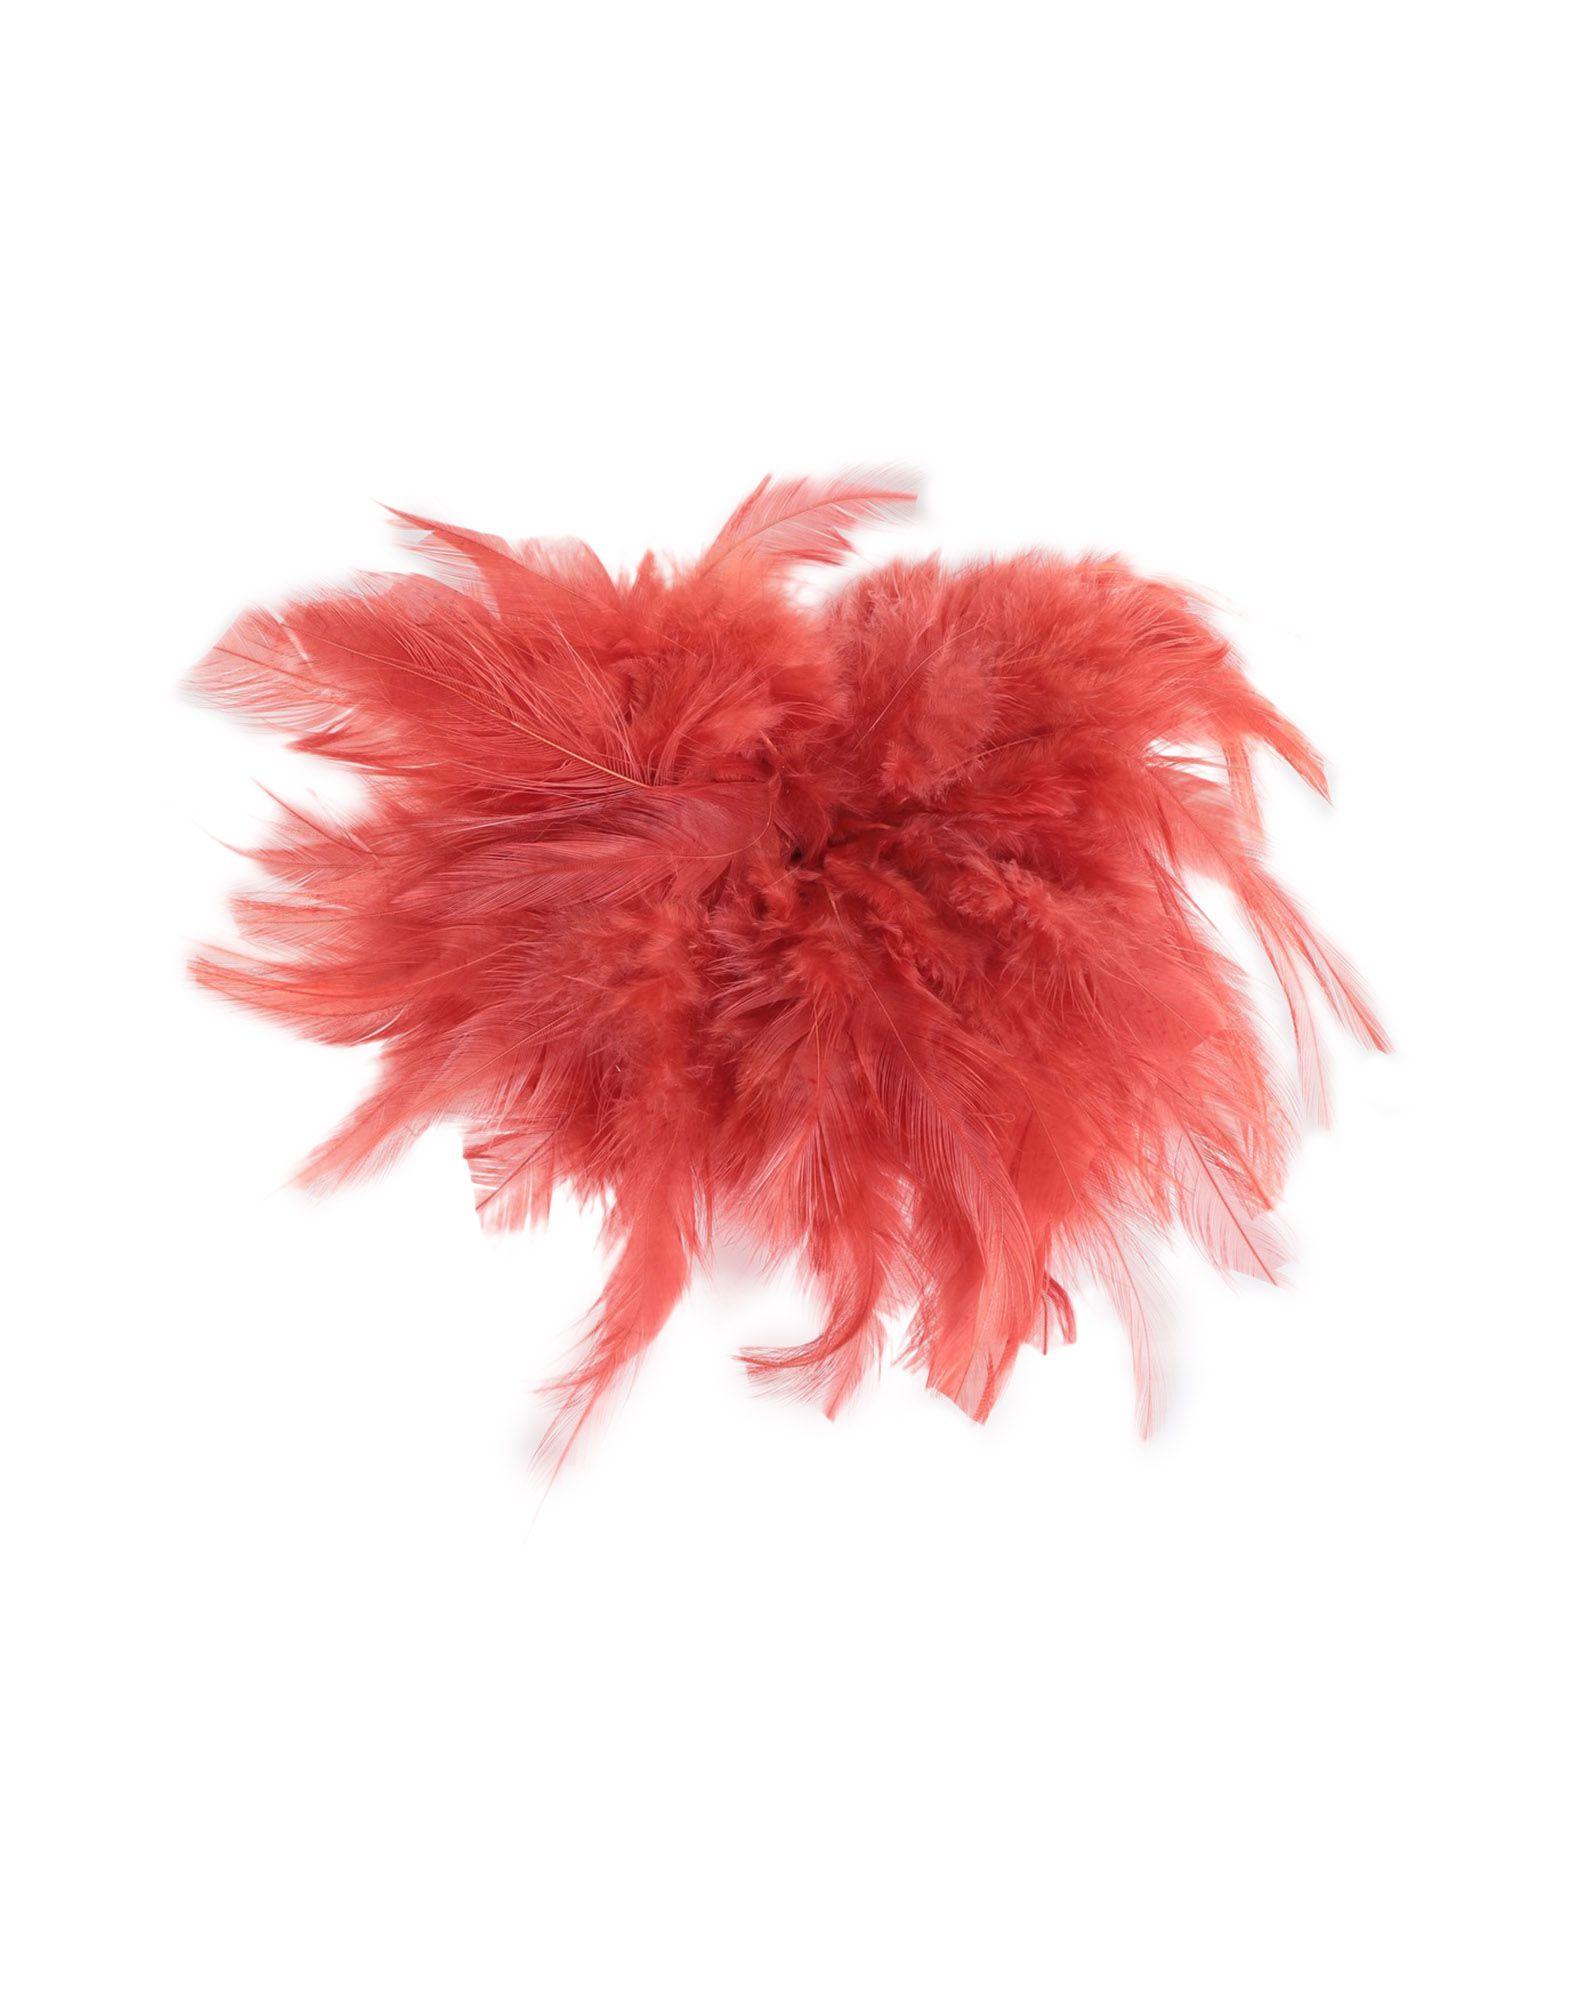 YOOX.COM(ユークス)《セール開催中》JUCCA レディース ブローチ 赤茶色 紡績繊維